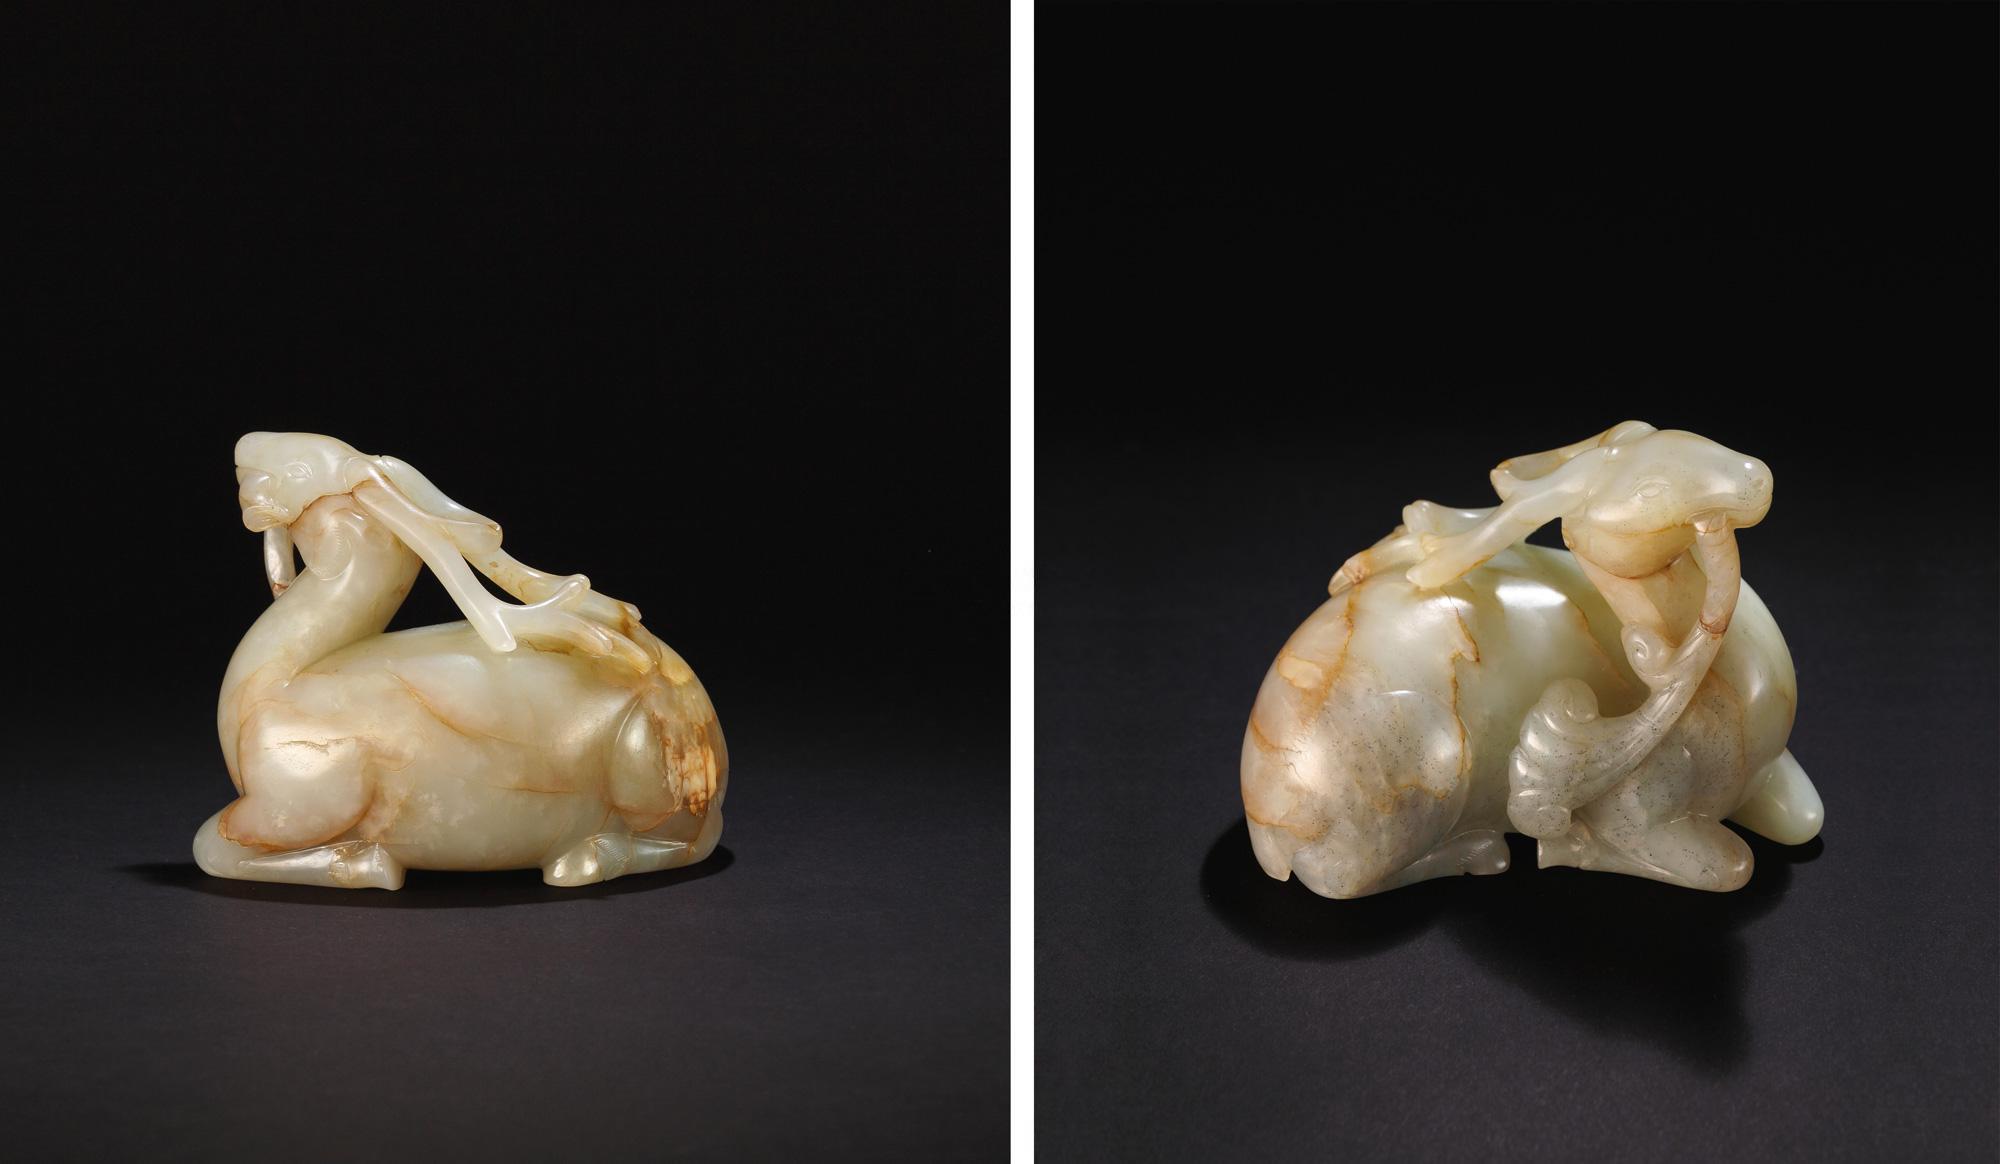 天汉瑶琼—海外庋藏中国玉雕艺术精品